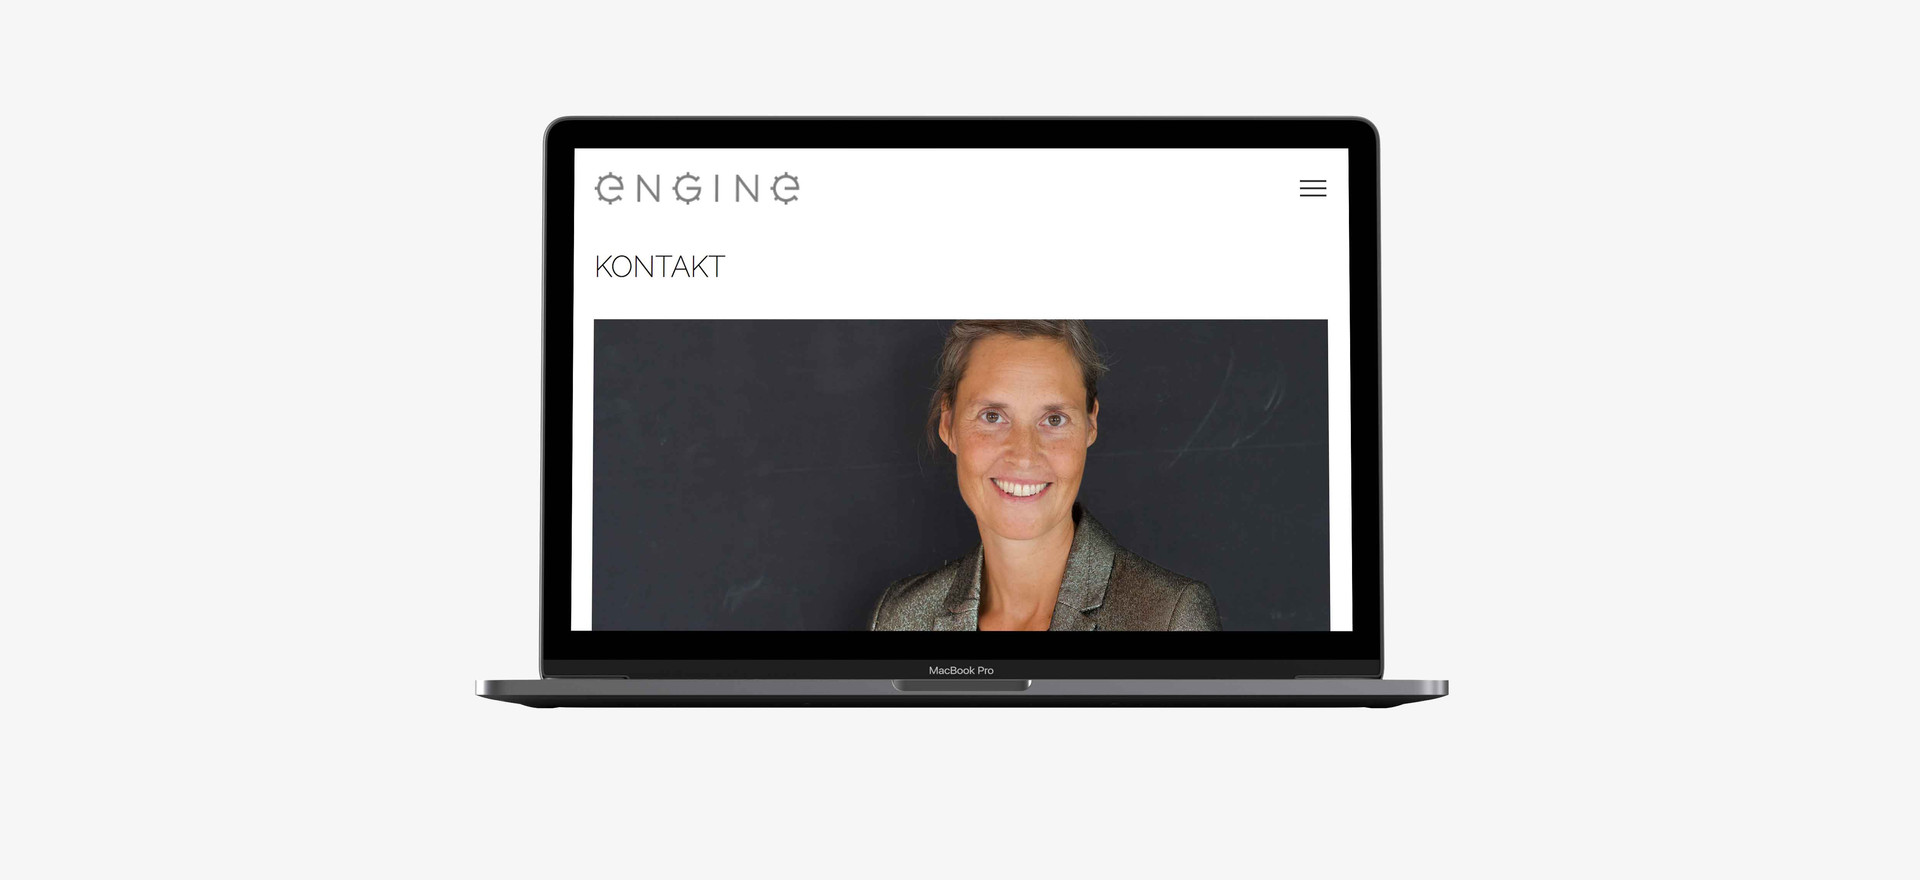 ENGINE.NU. Erhvervsmentoring, mentoring og coaching.  Logo og hjemmeside i WordPress.  Klik på billedet for at se hjemmesiden.